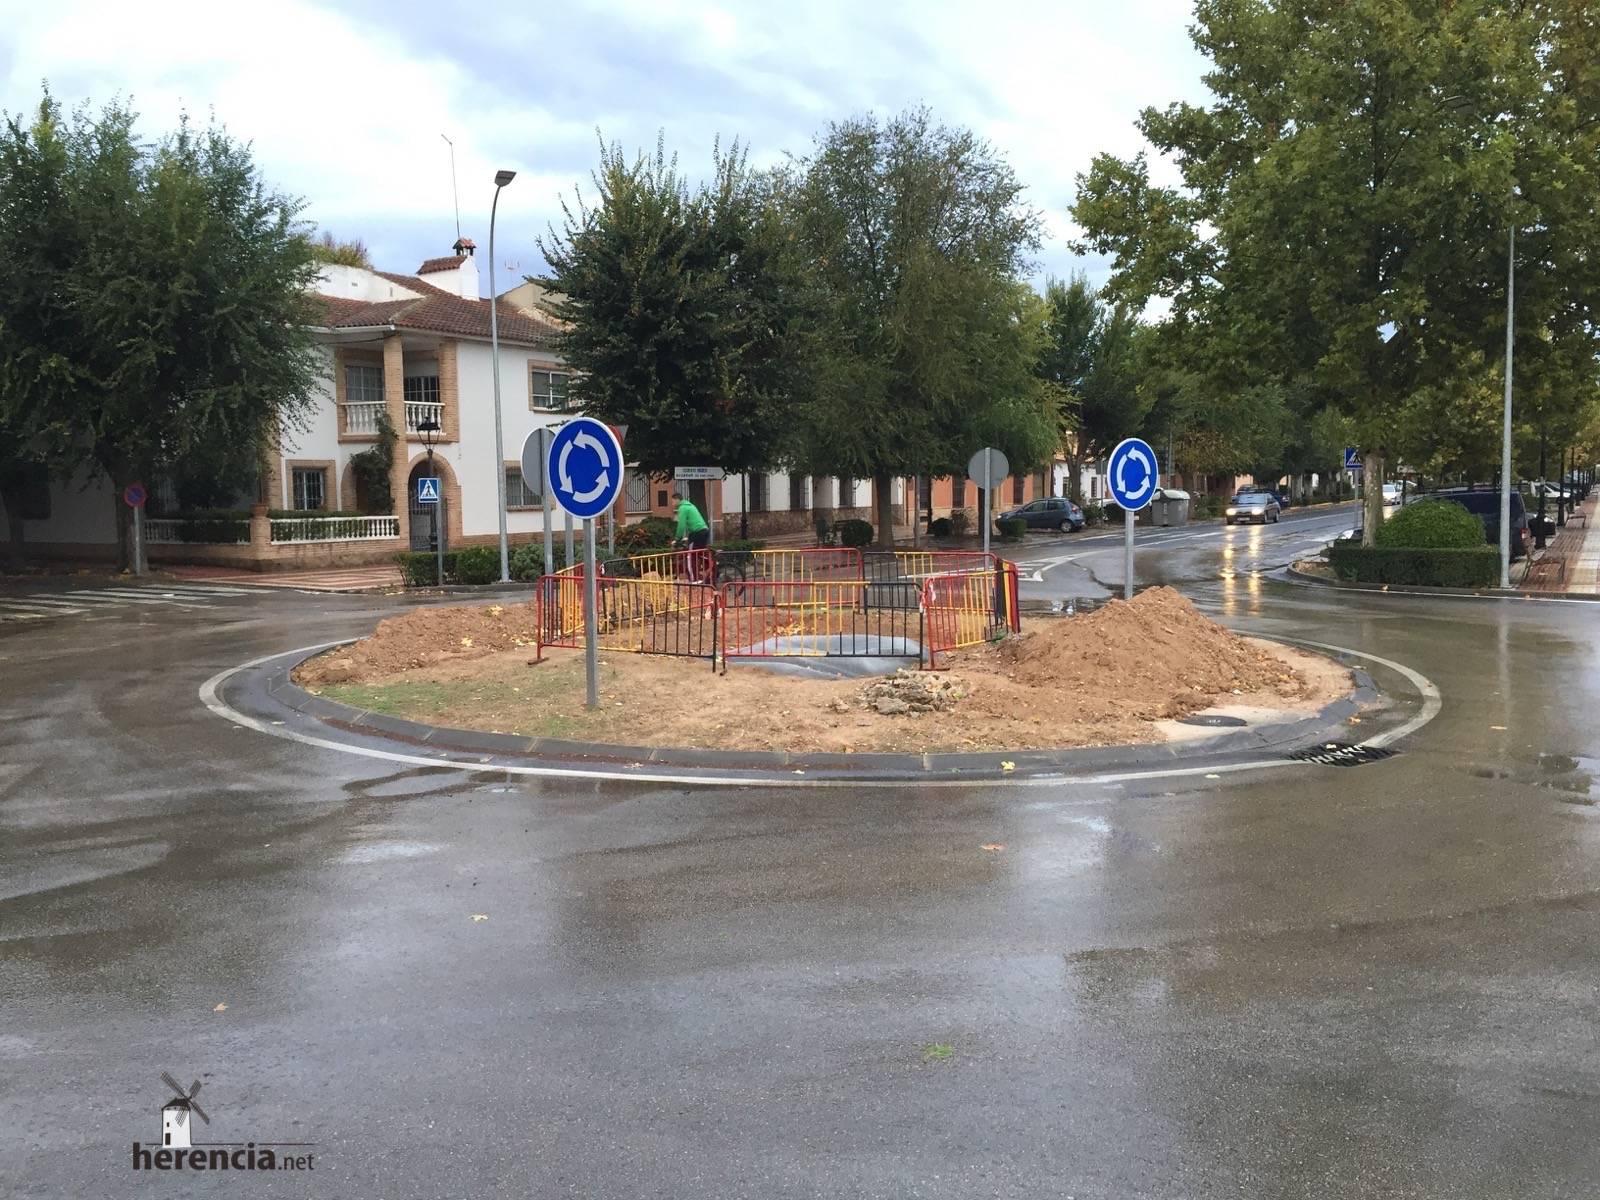 glorieta de entrada a herencia - Herencia instalará una escultura de un Perlé en la rotonda de la Avda. Alcázar